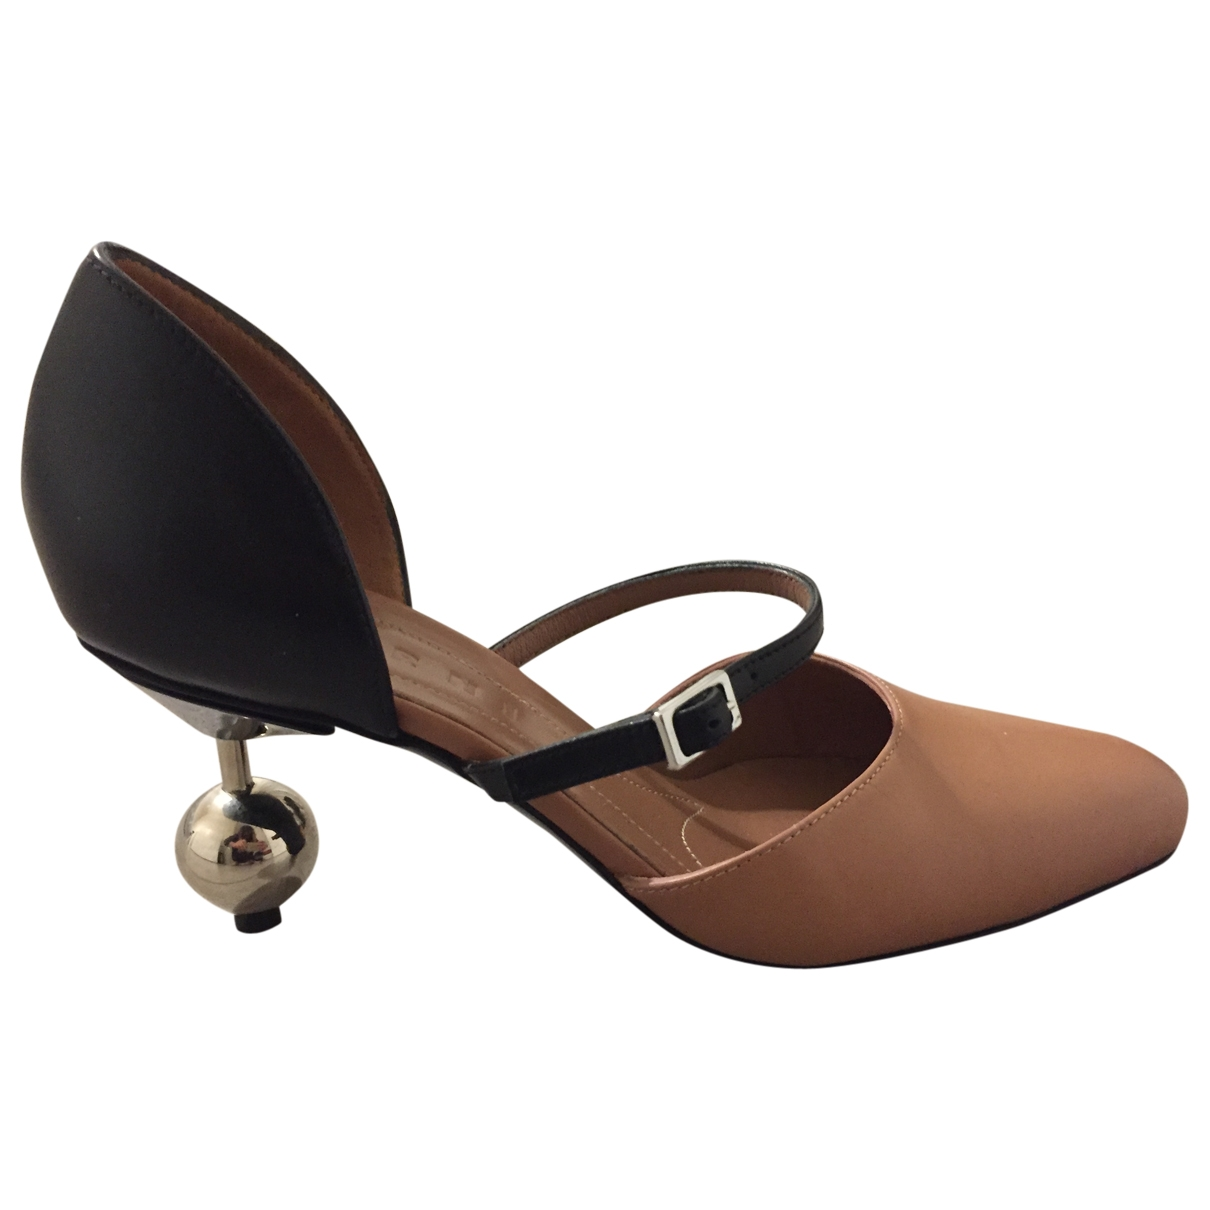 Sandalias de Cuero Marni